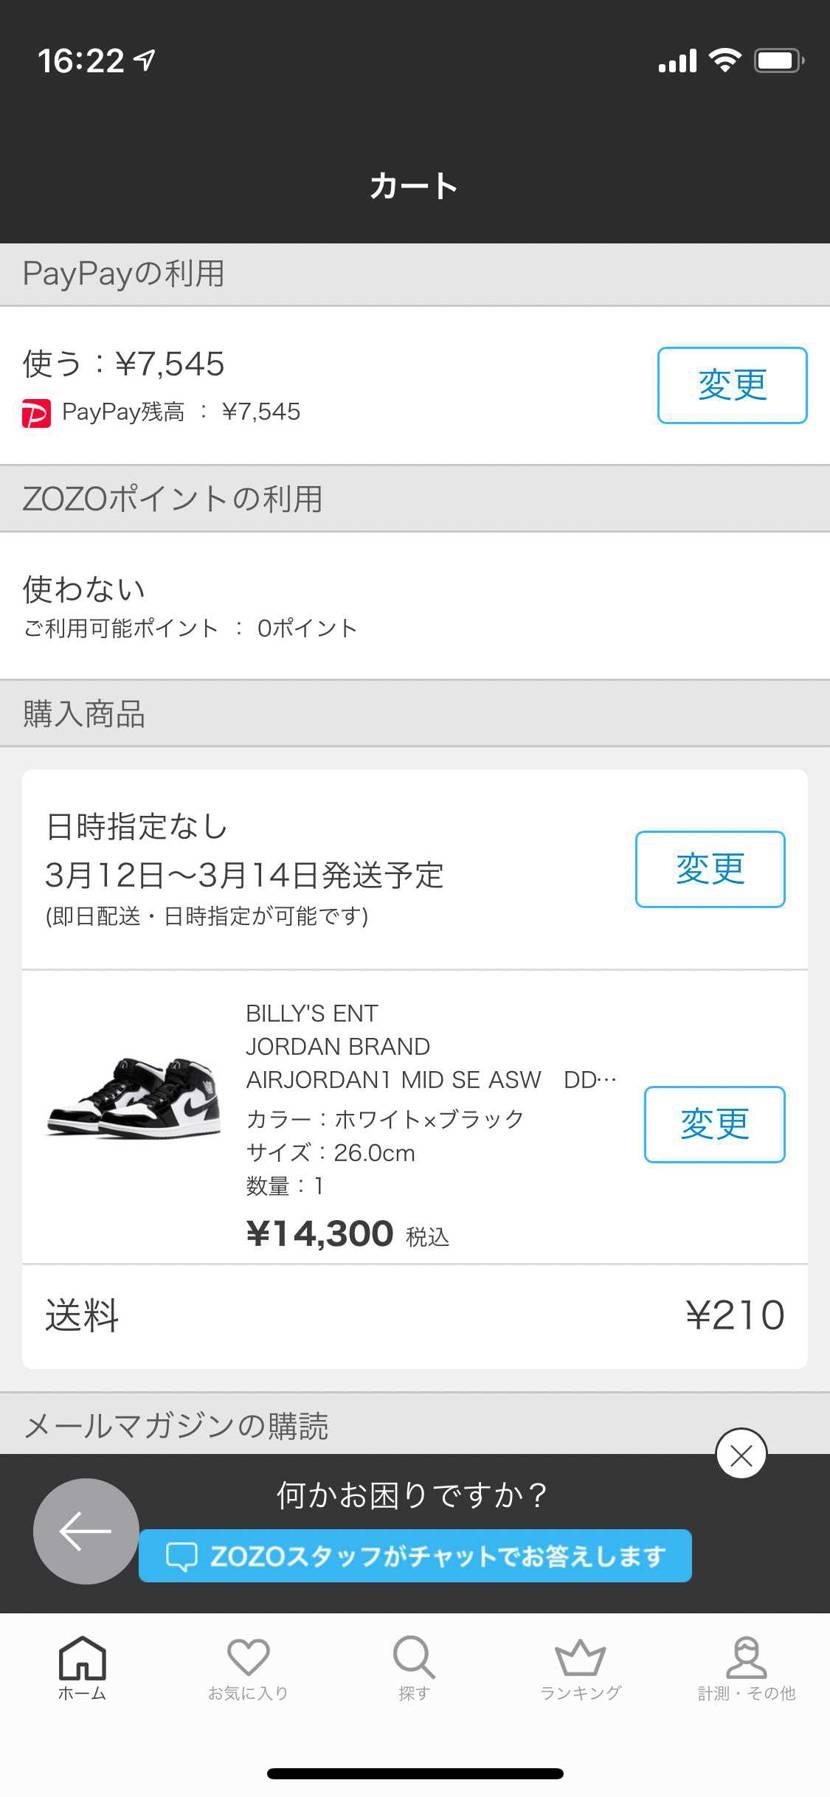 ん〜、今日発売のAIRJORDAN1 MID SE ASWが7千円切りなら買いで